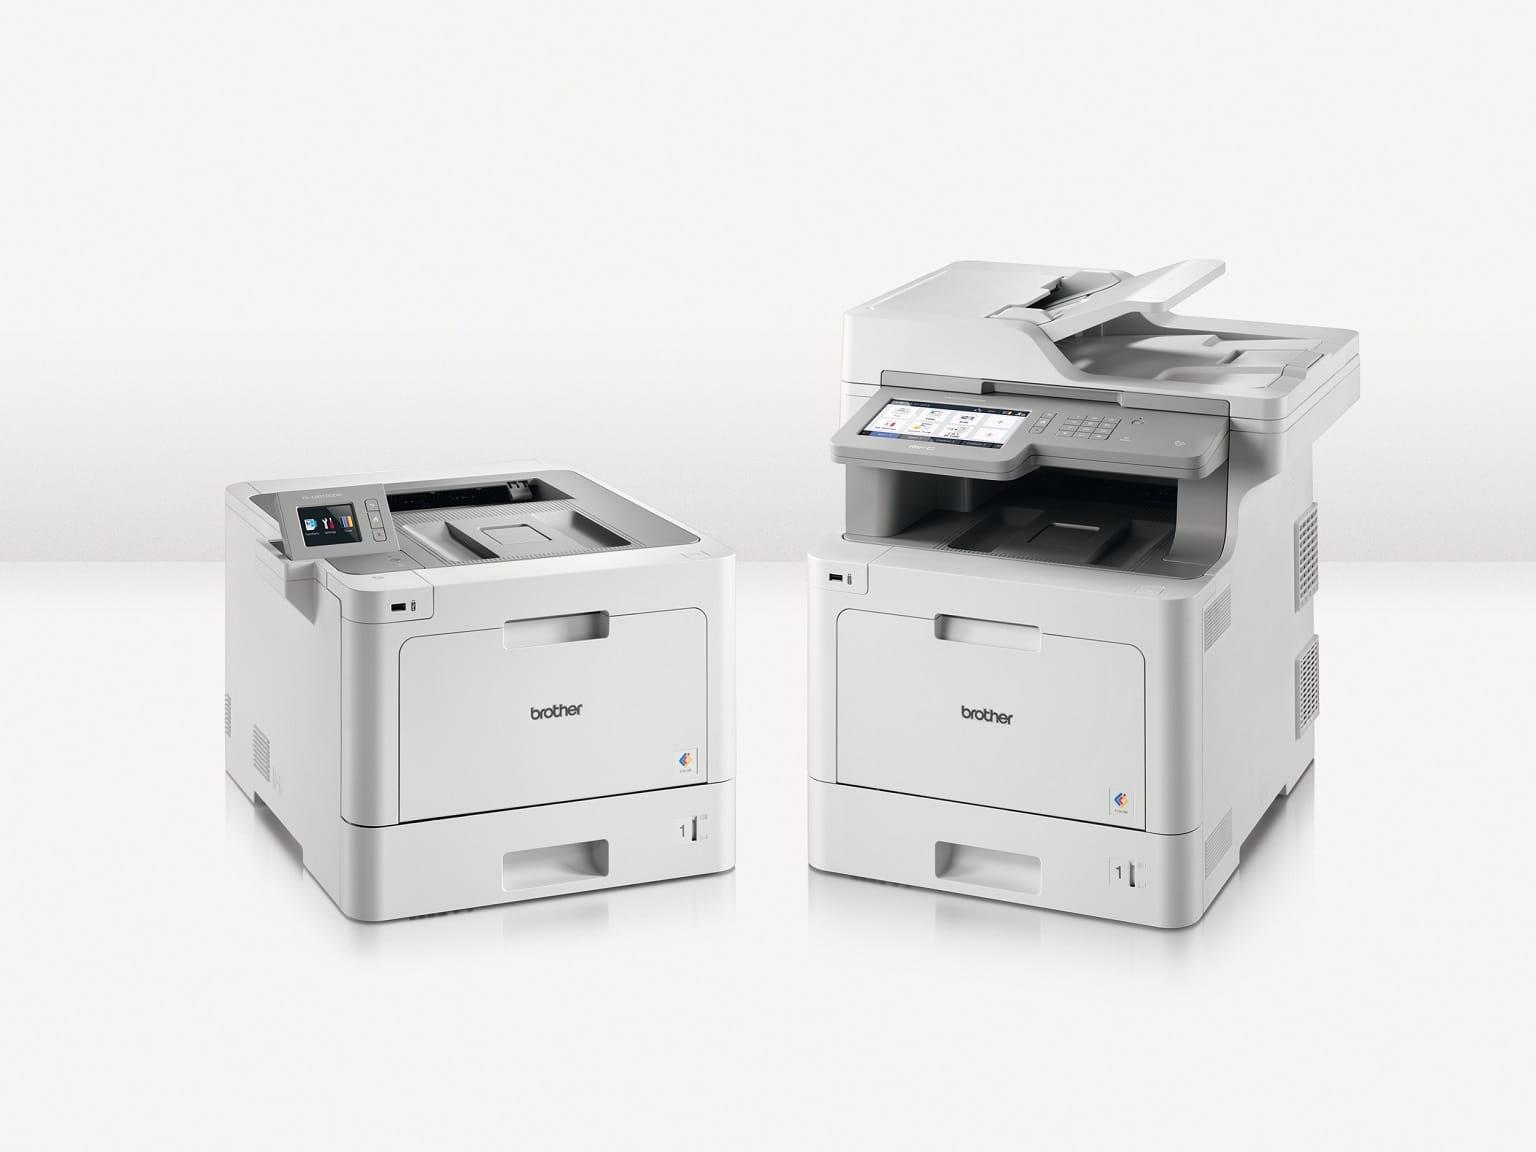 Stampante e multifunzione laser a colori Brother gamma L9000